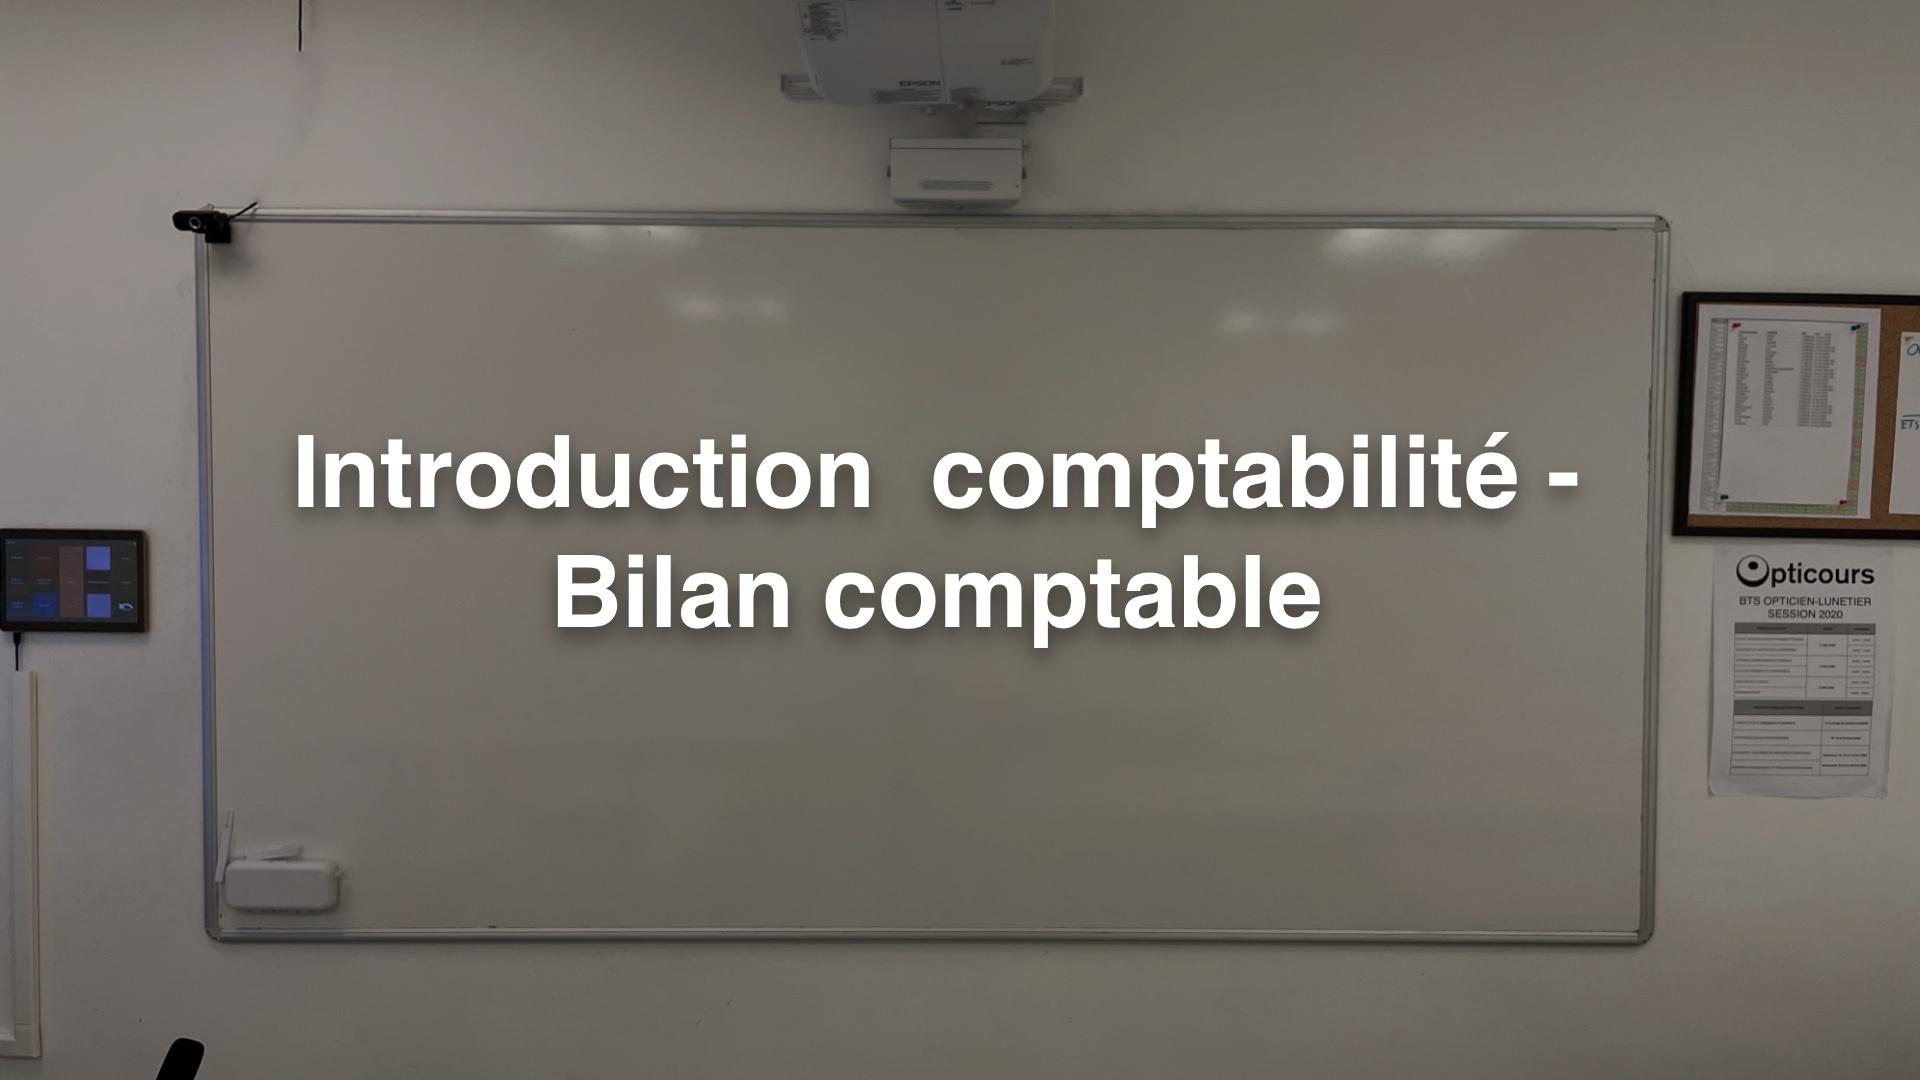 Introduction comptabilité - Bilan comptable